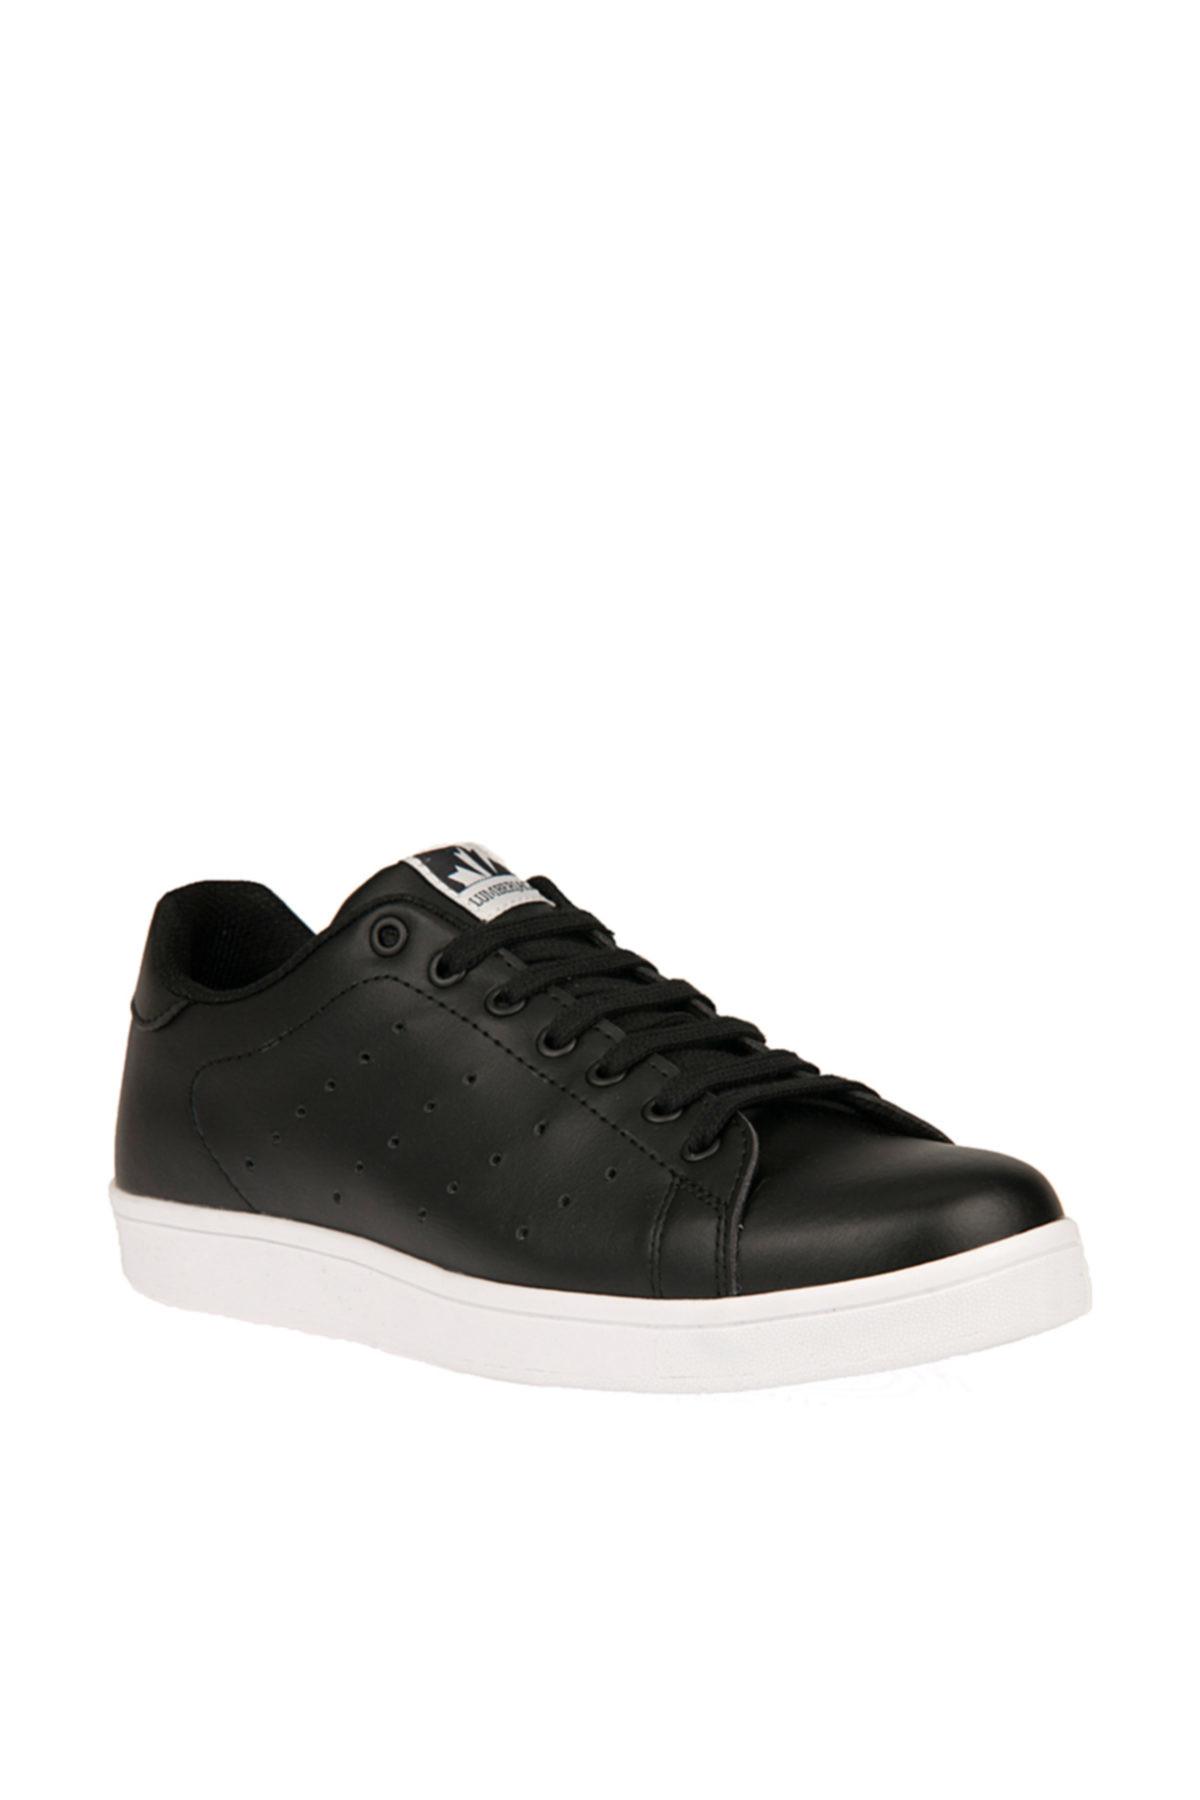 lumberjack GRAZZI Siyah Erkek Sneaker 100242211 1